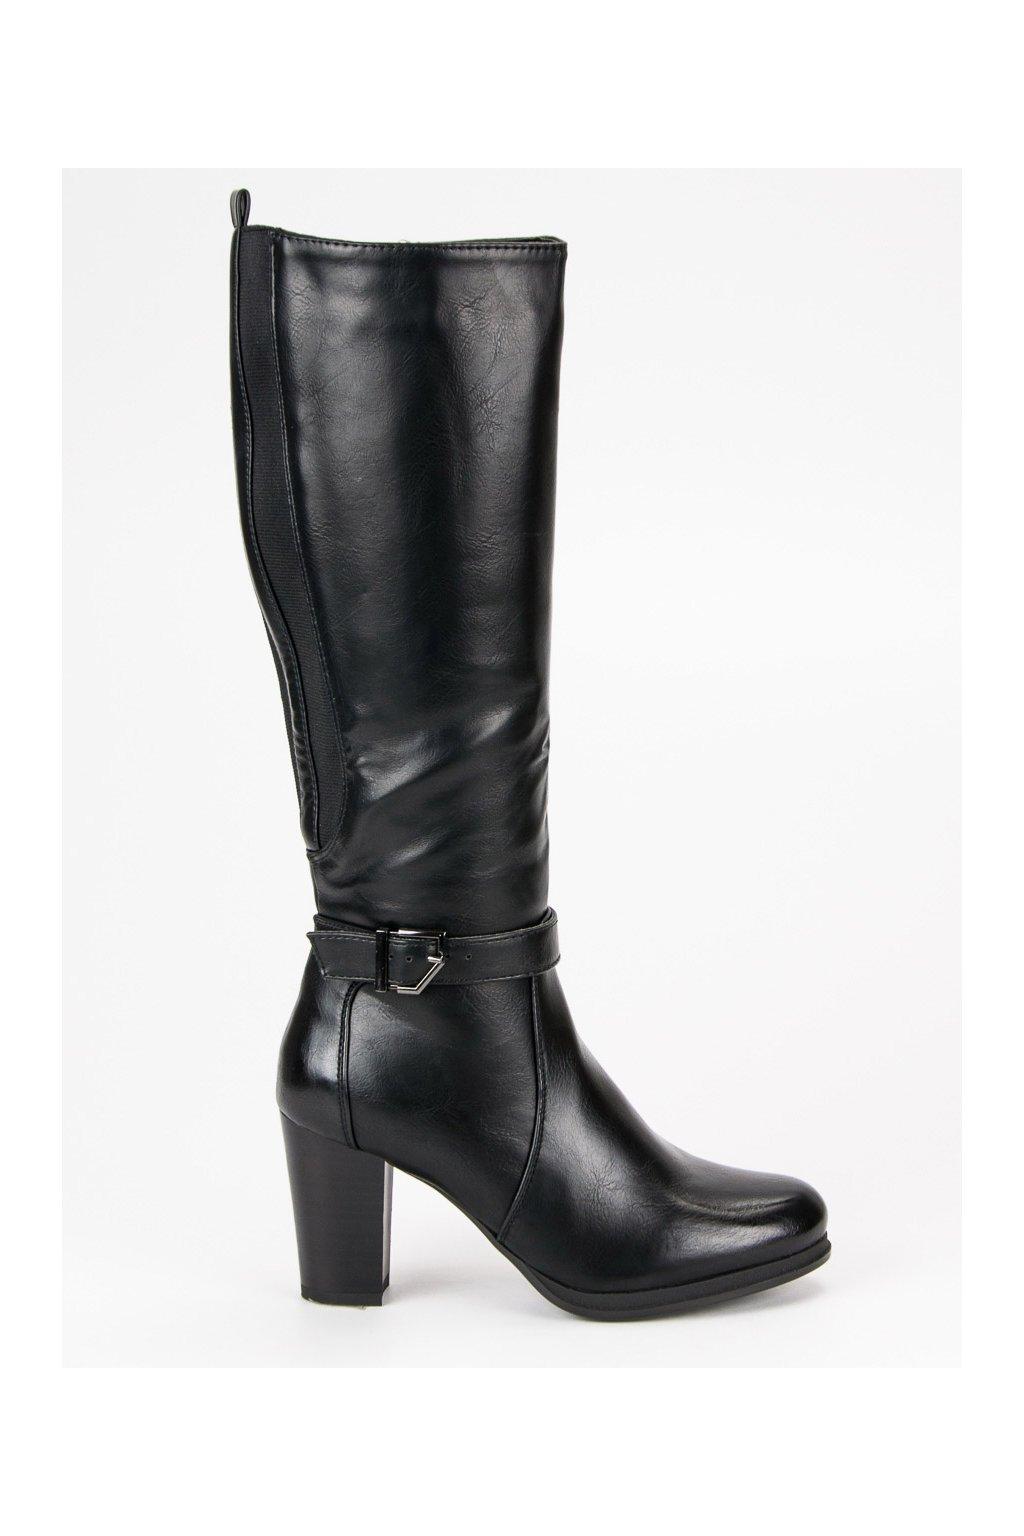 Zateplené kozačky čierne čižmy pod kolená Filippo 098c3d7d554